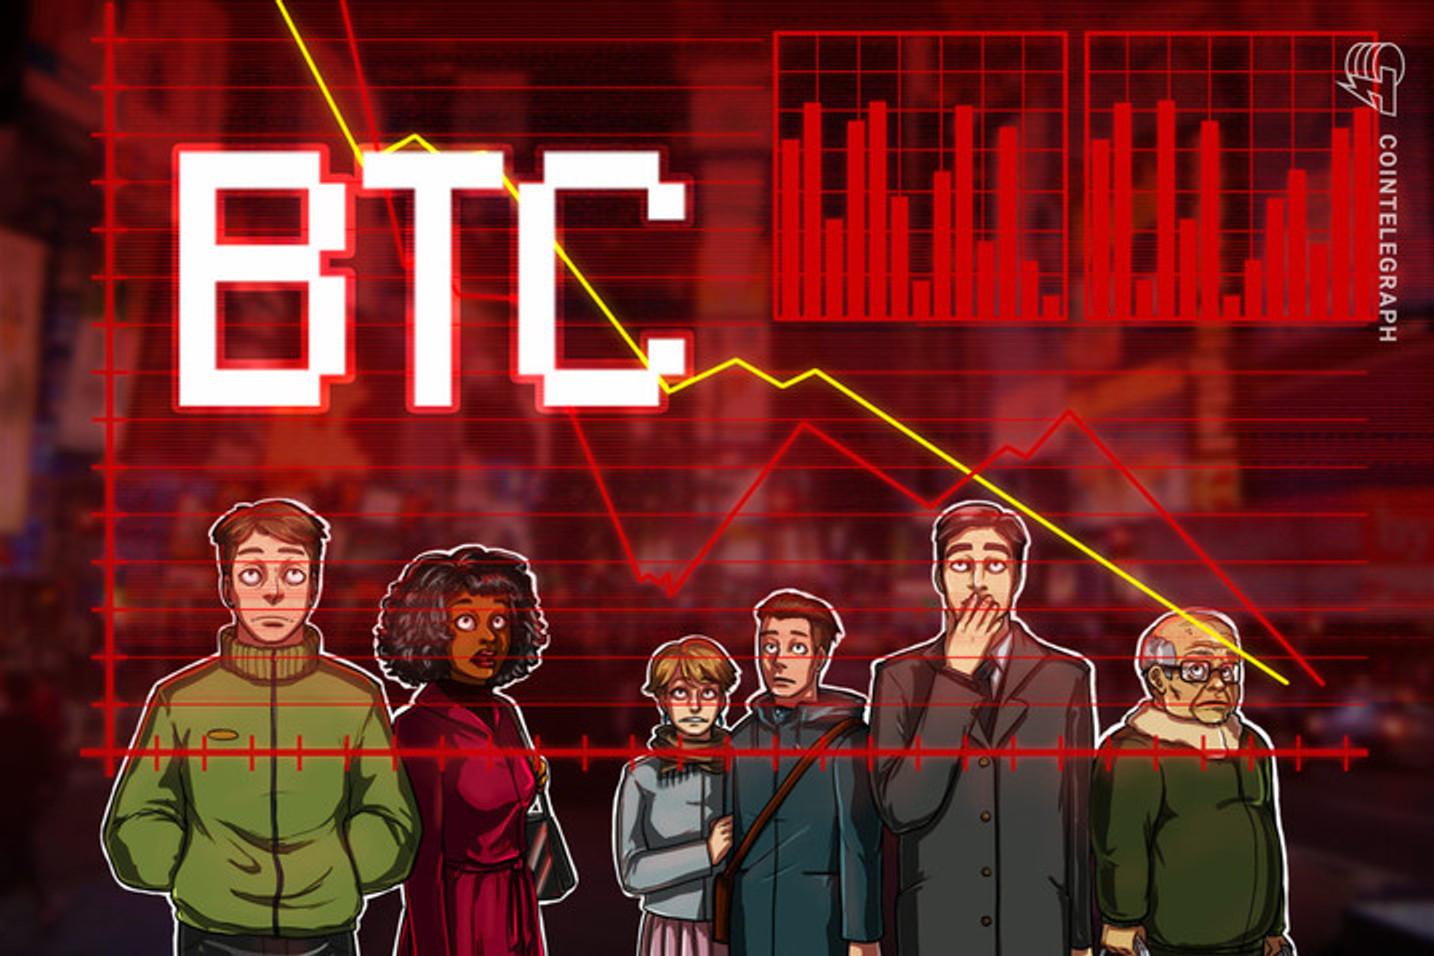 Bitcoin despenca 12% em minutos e fica abaixo de US$ 8.700